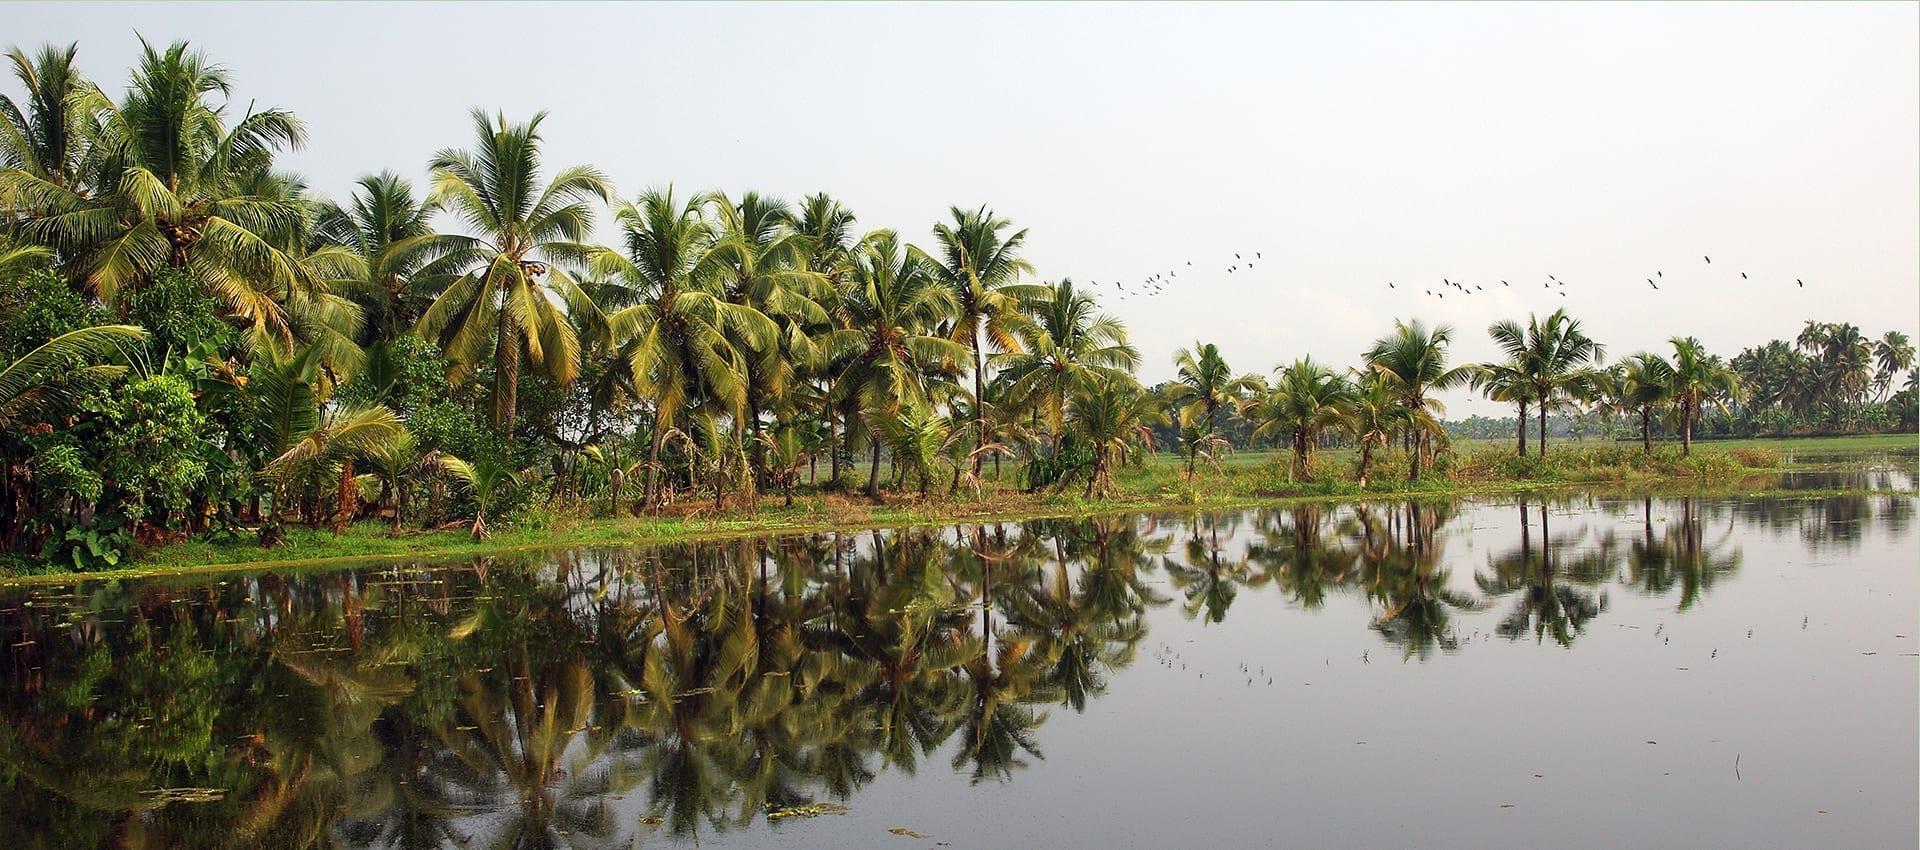 Ga mee en ontdek de backwaters, Cochin, Goa en tijgerreservaten in Zuid India